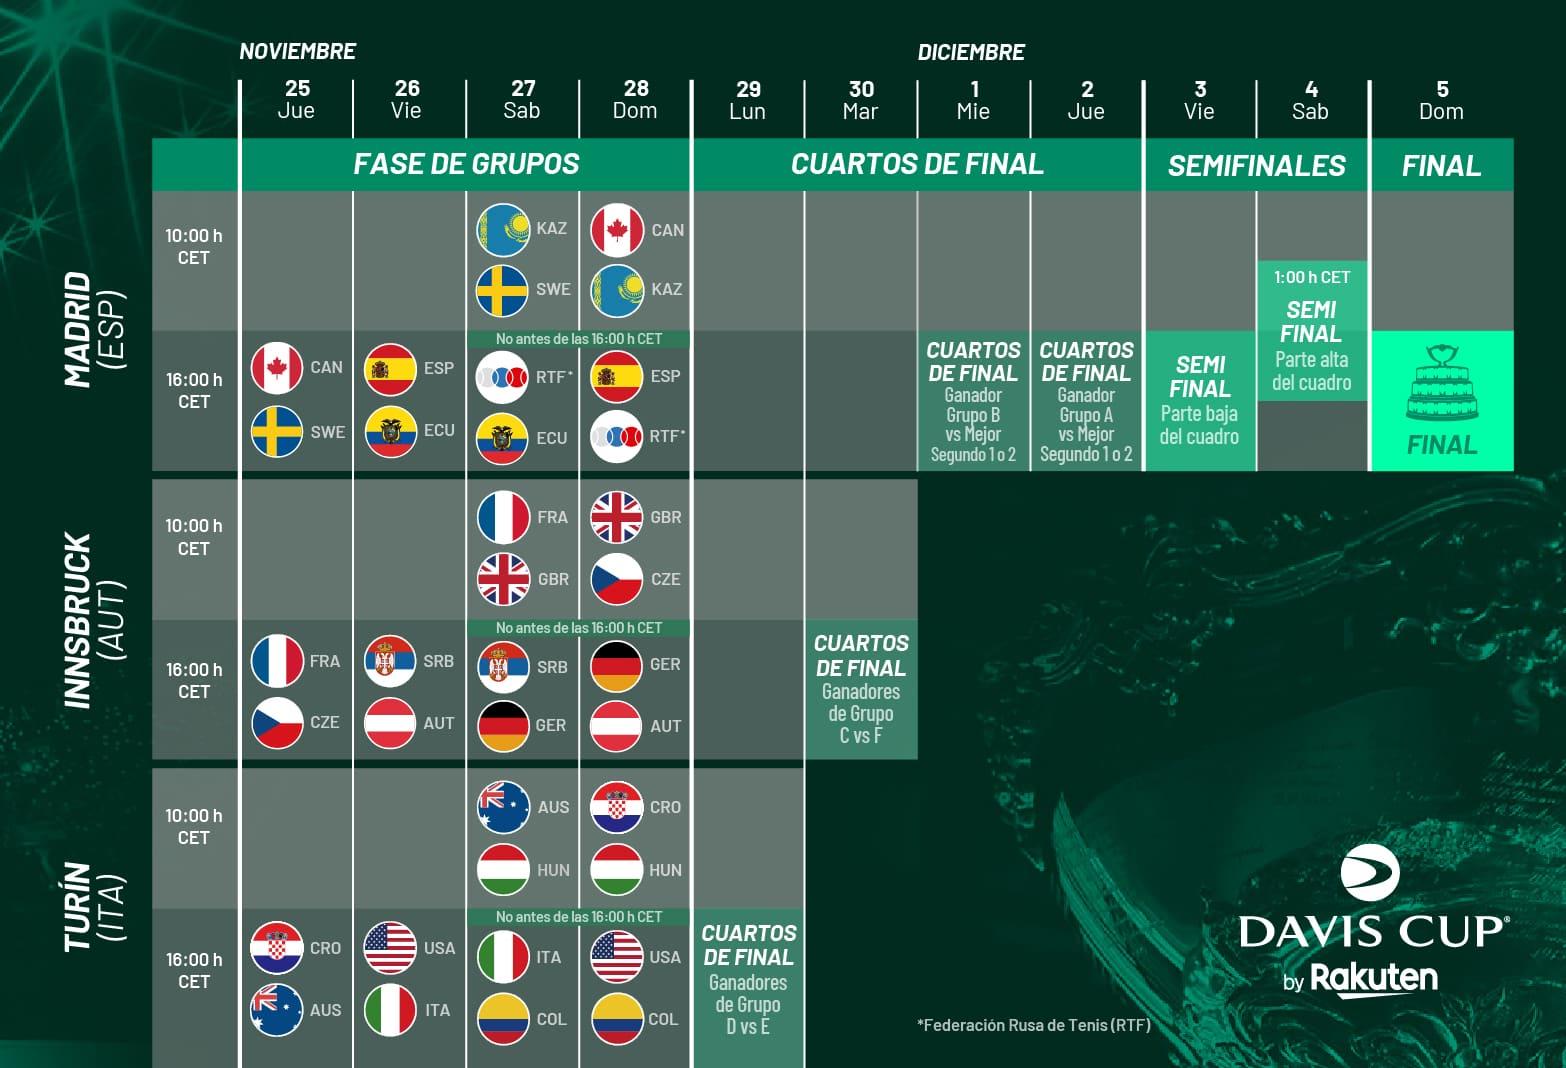 Una tabla con un resumen del calendario de partidos, comprendidos entre el 25 de noviembre y el 5 de diciembre, agrupados por fechas, grupos y sedes. La misma información se puede encontrar más abajo en la web.